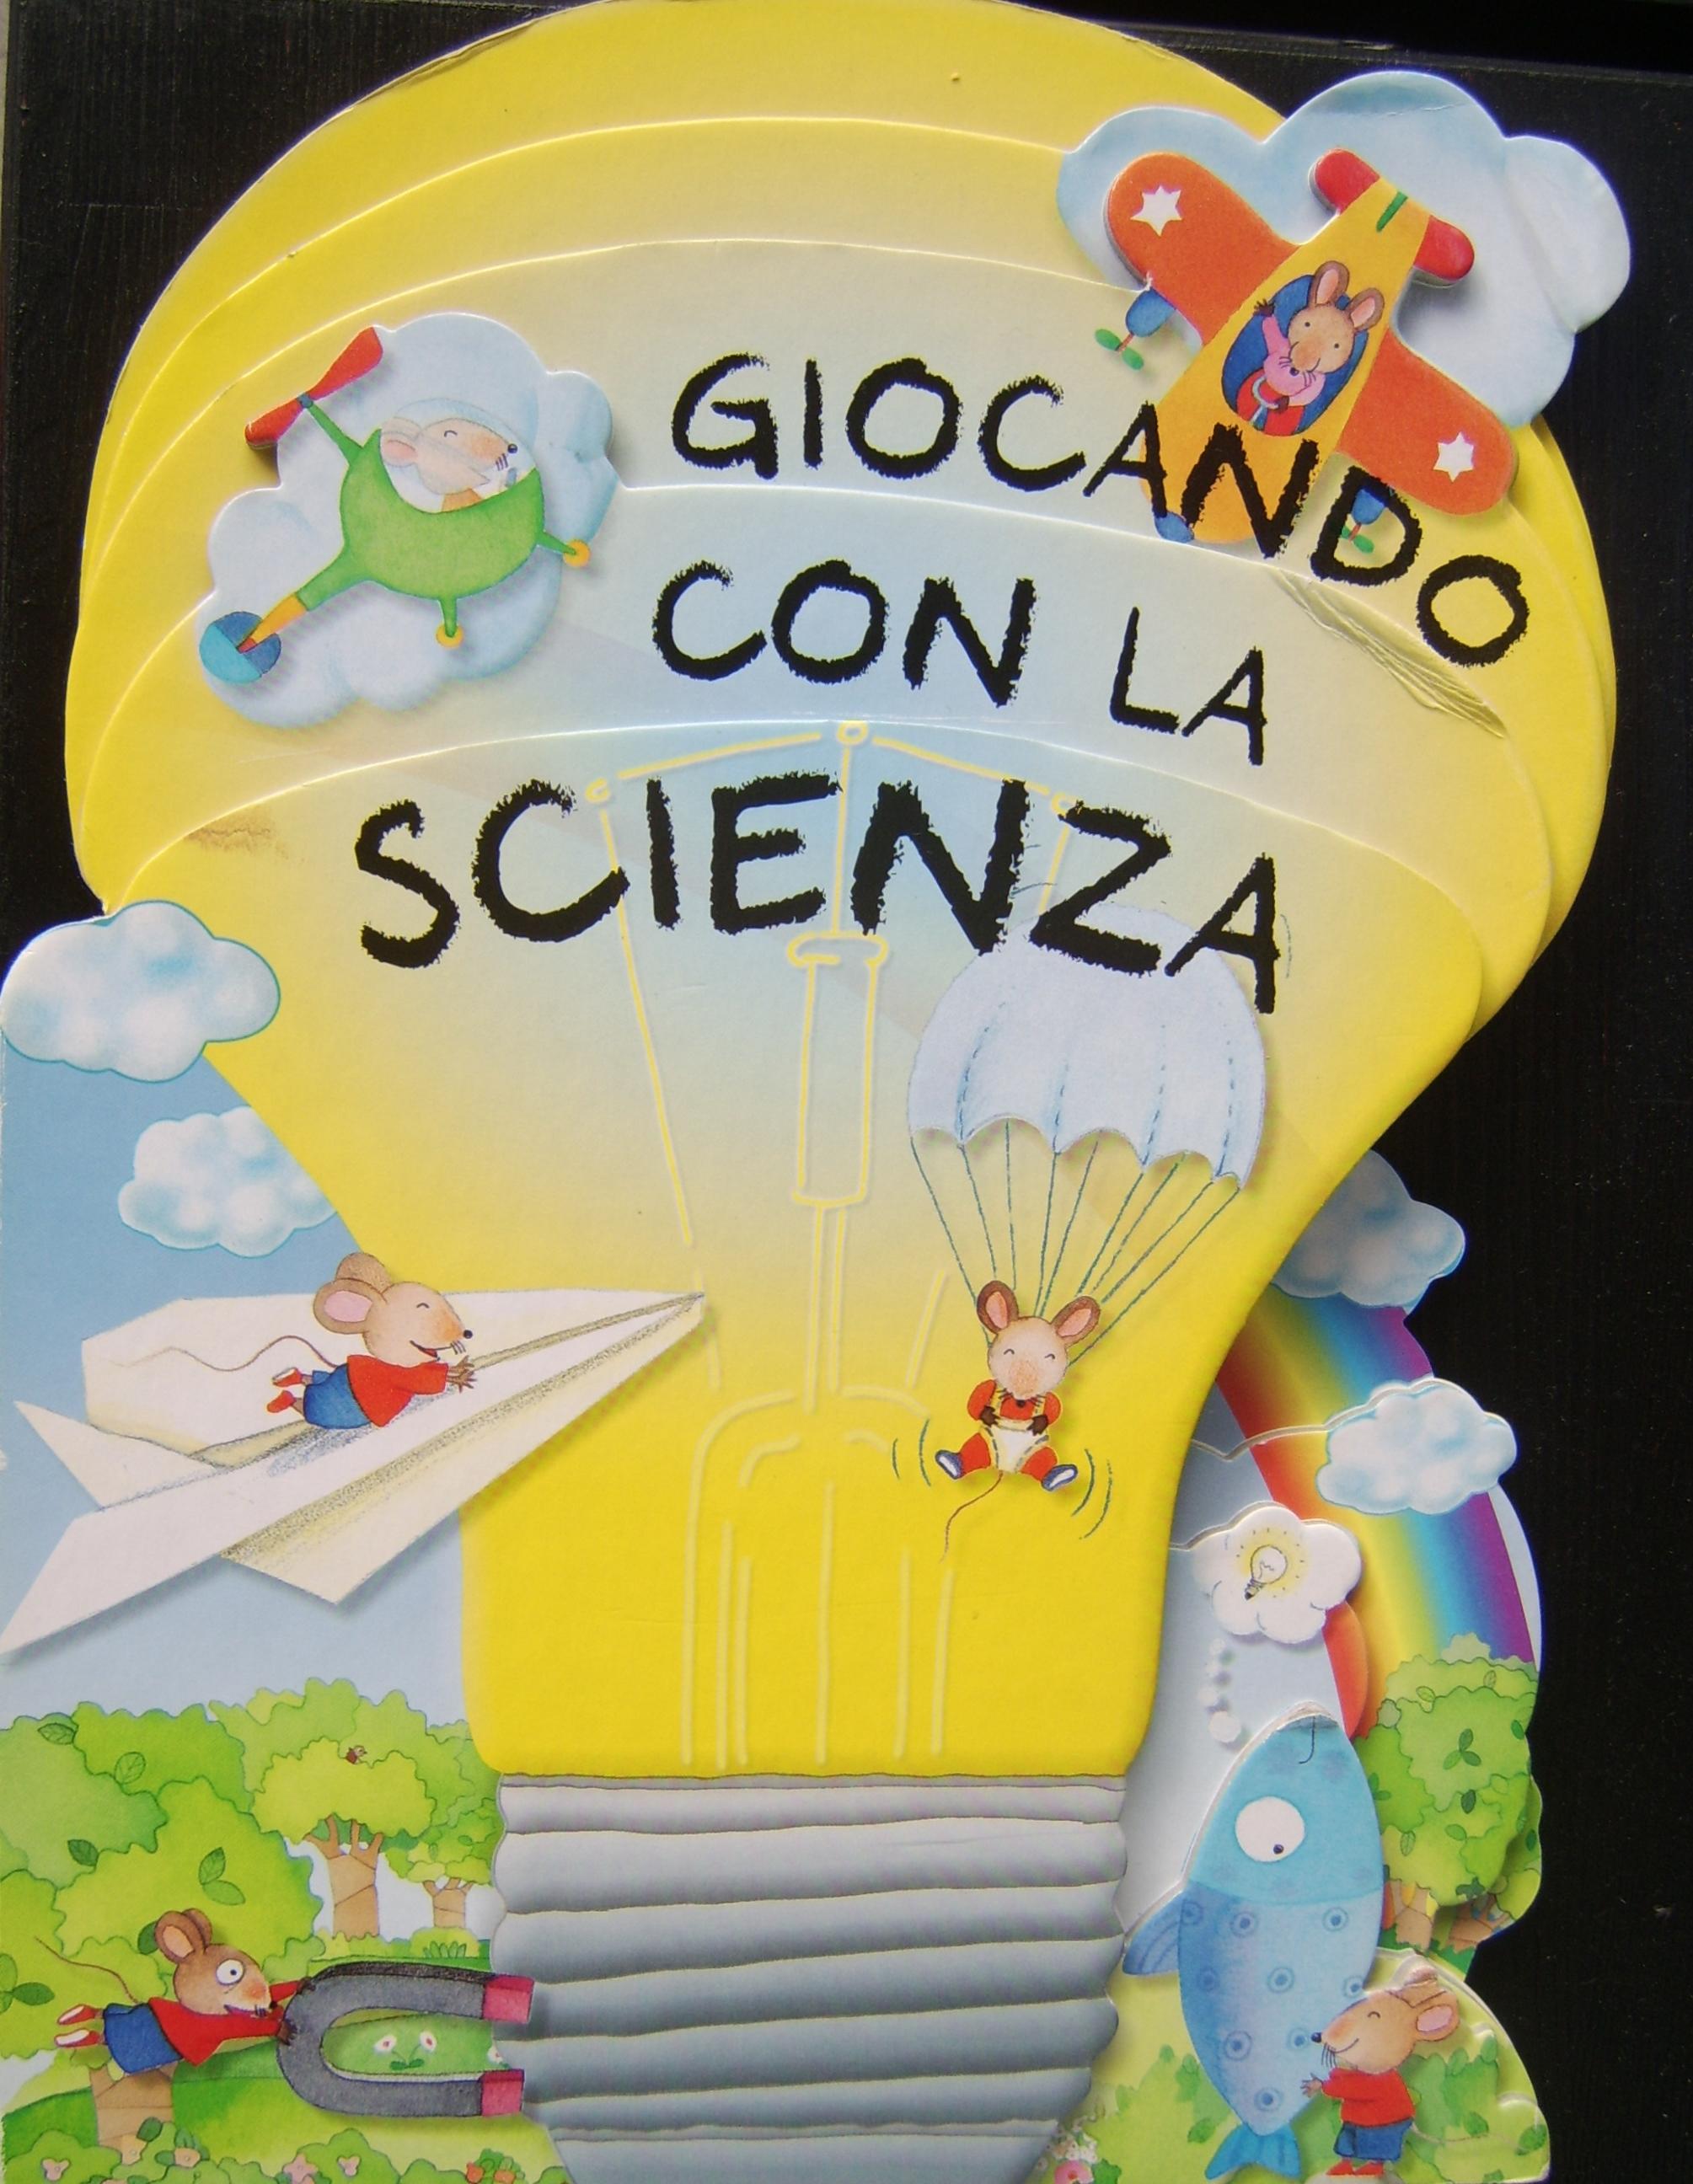 Giocando con la scienza